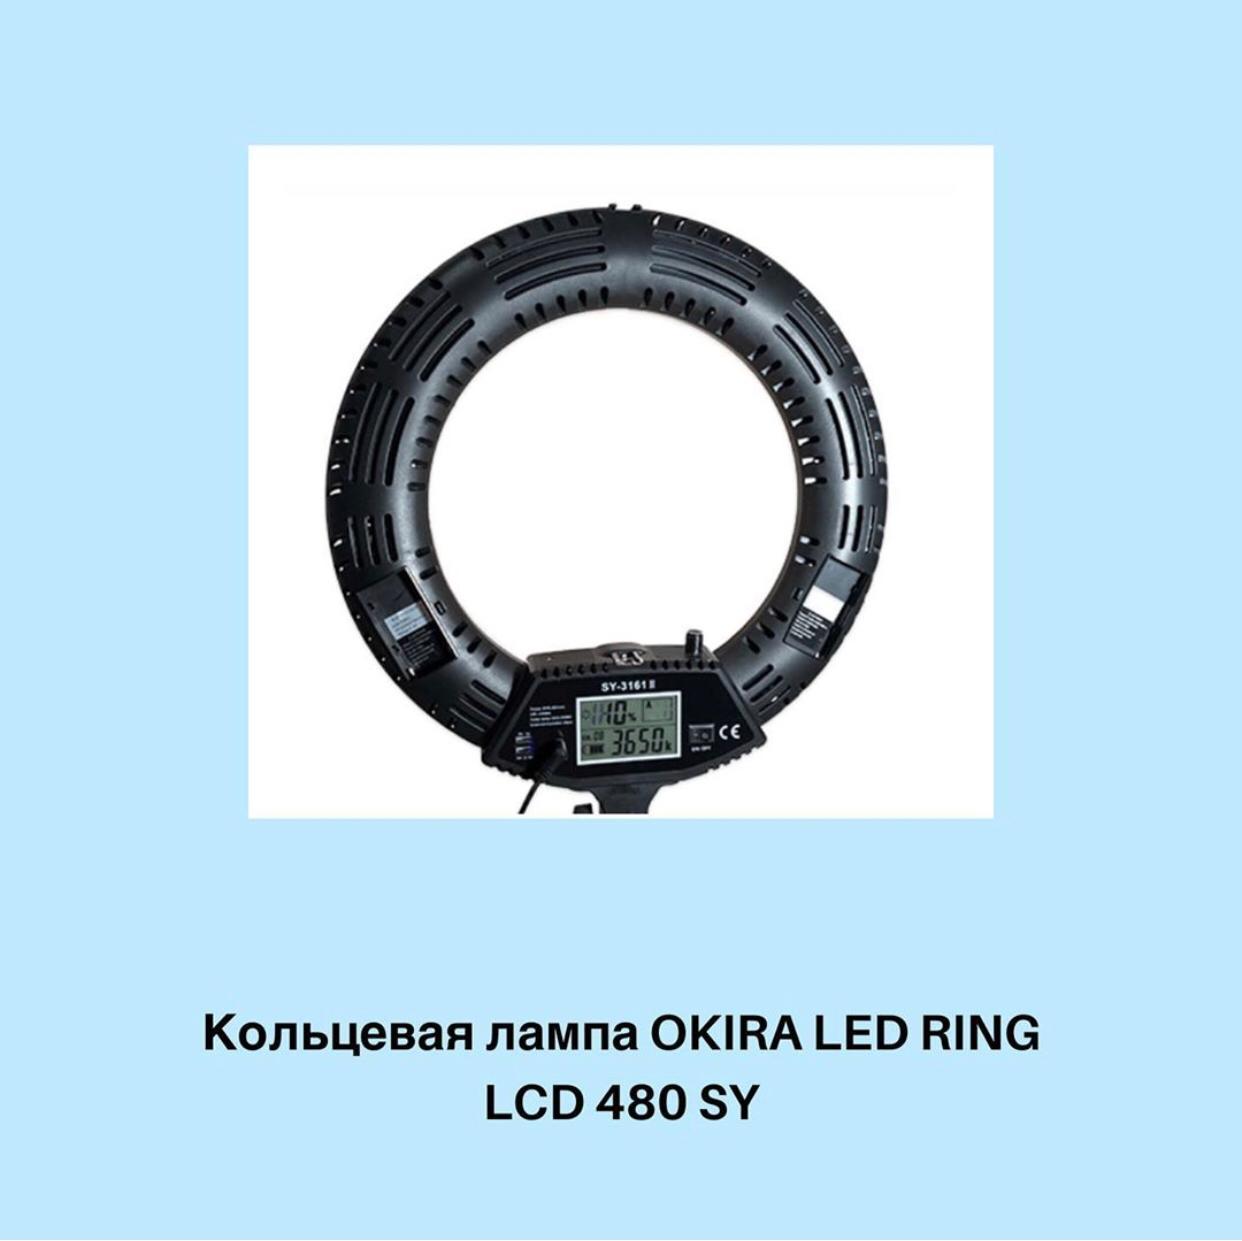 🔘Кольцевая лампа OKIRA LED RING LCD 480 SY